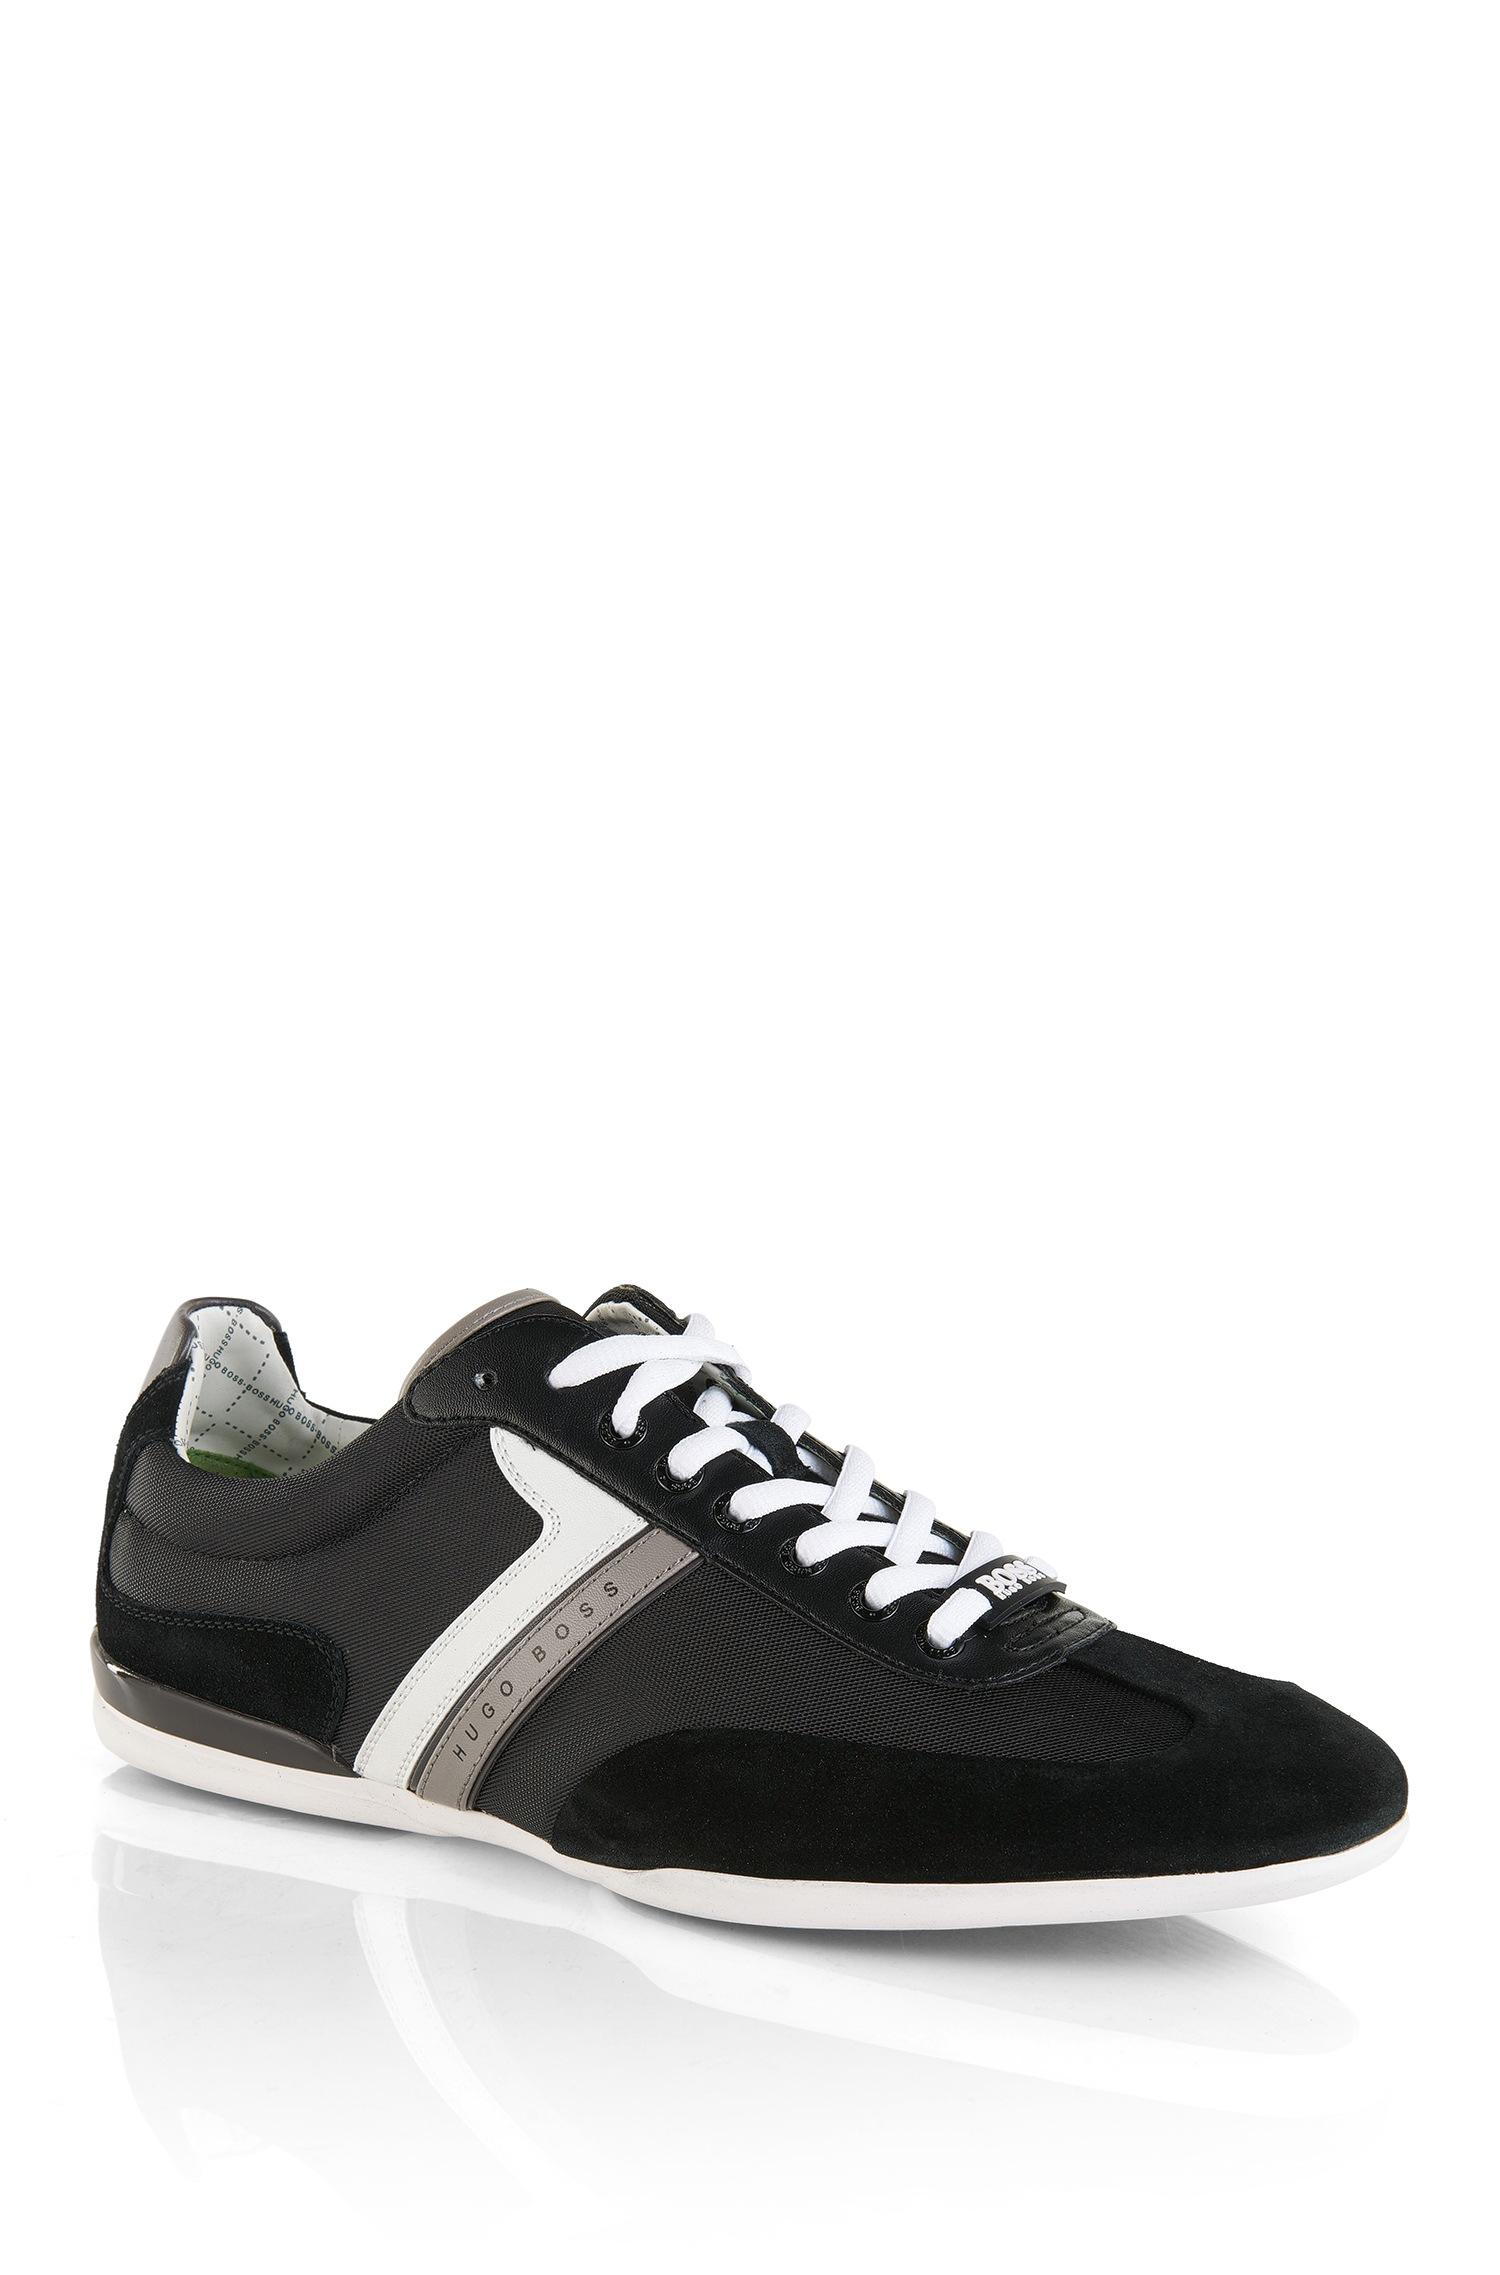 Versace Shoes Eros Black Suede